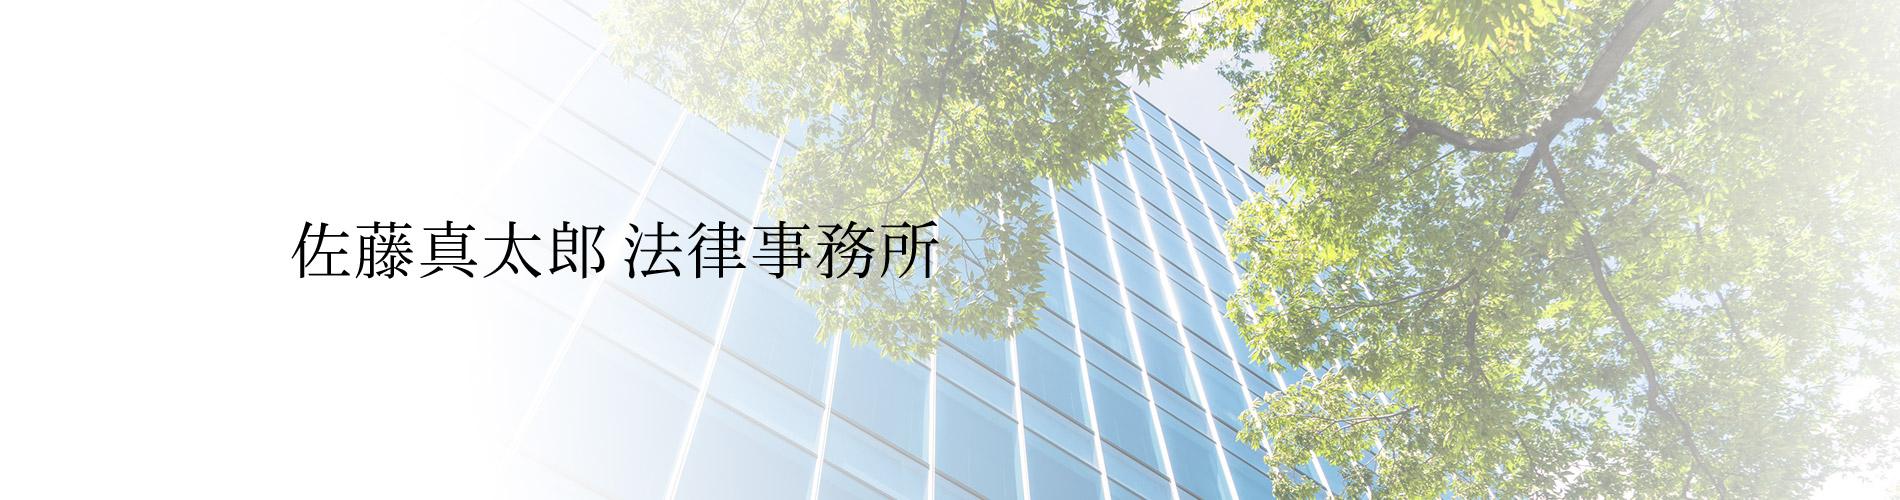 佐藤真太郎 法律事務所